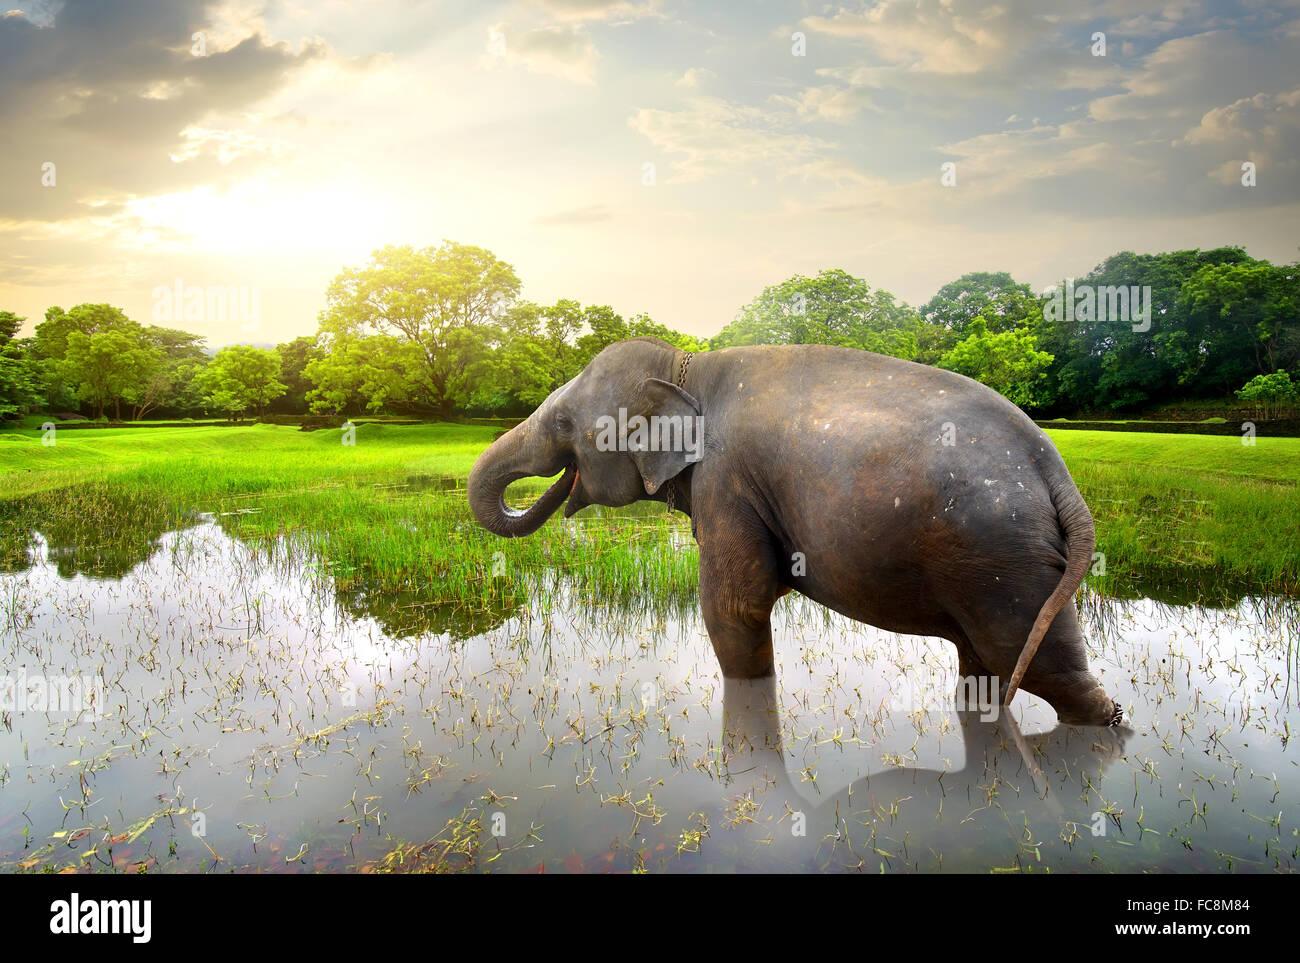 L'éléphant, le bain dans le lac près de vert des arbres Banque D'Images